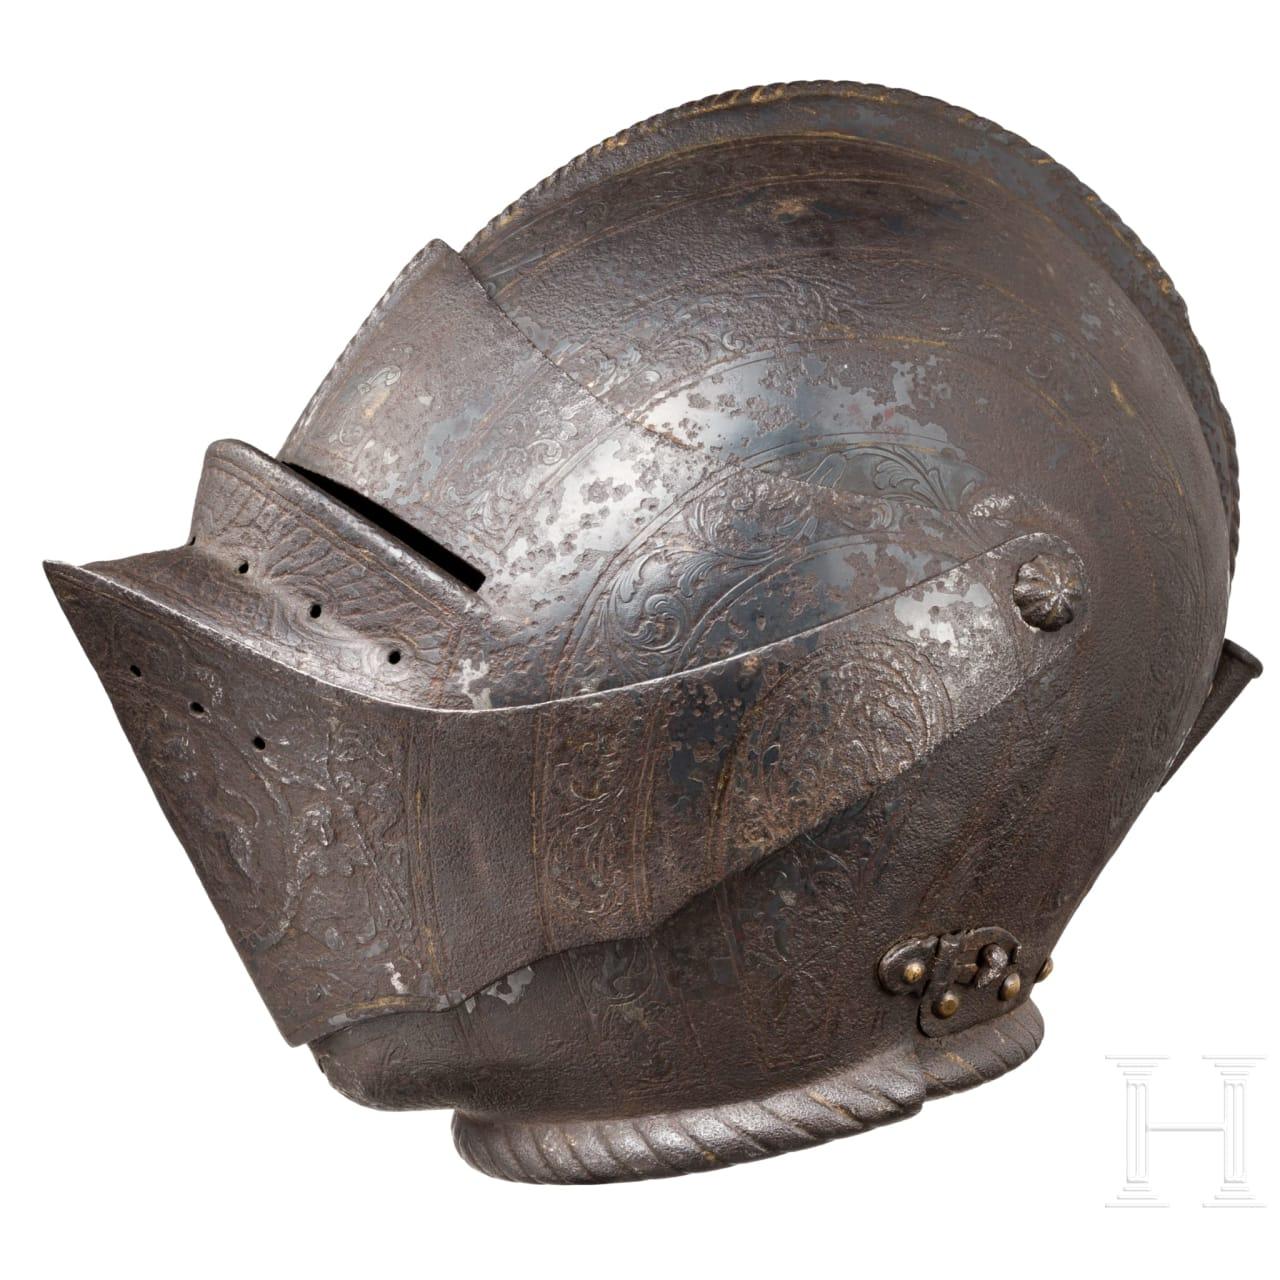 Bedeutender geschlossener Helm mit getriebenem und graviertem Dekor, süddeutsch oder Italien, um 1560